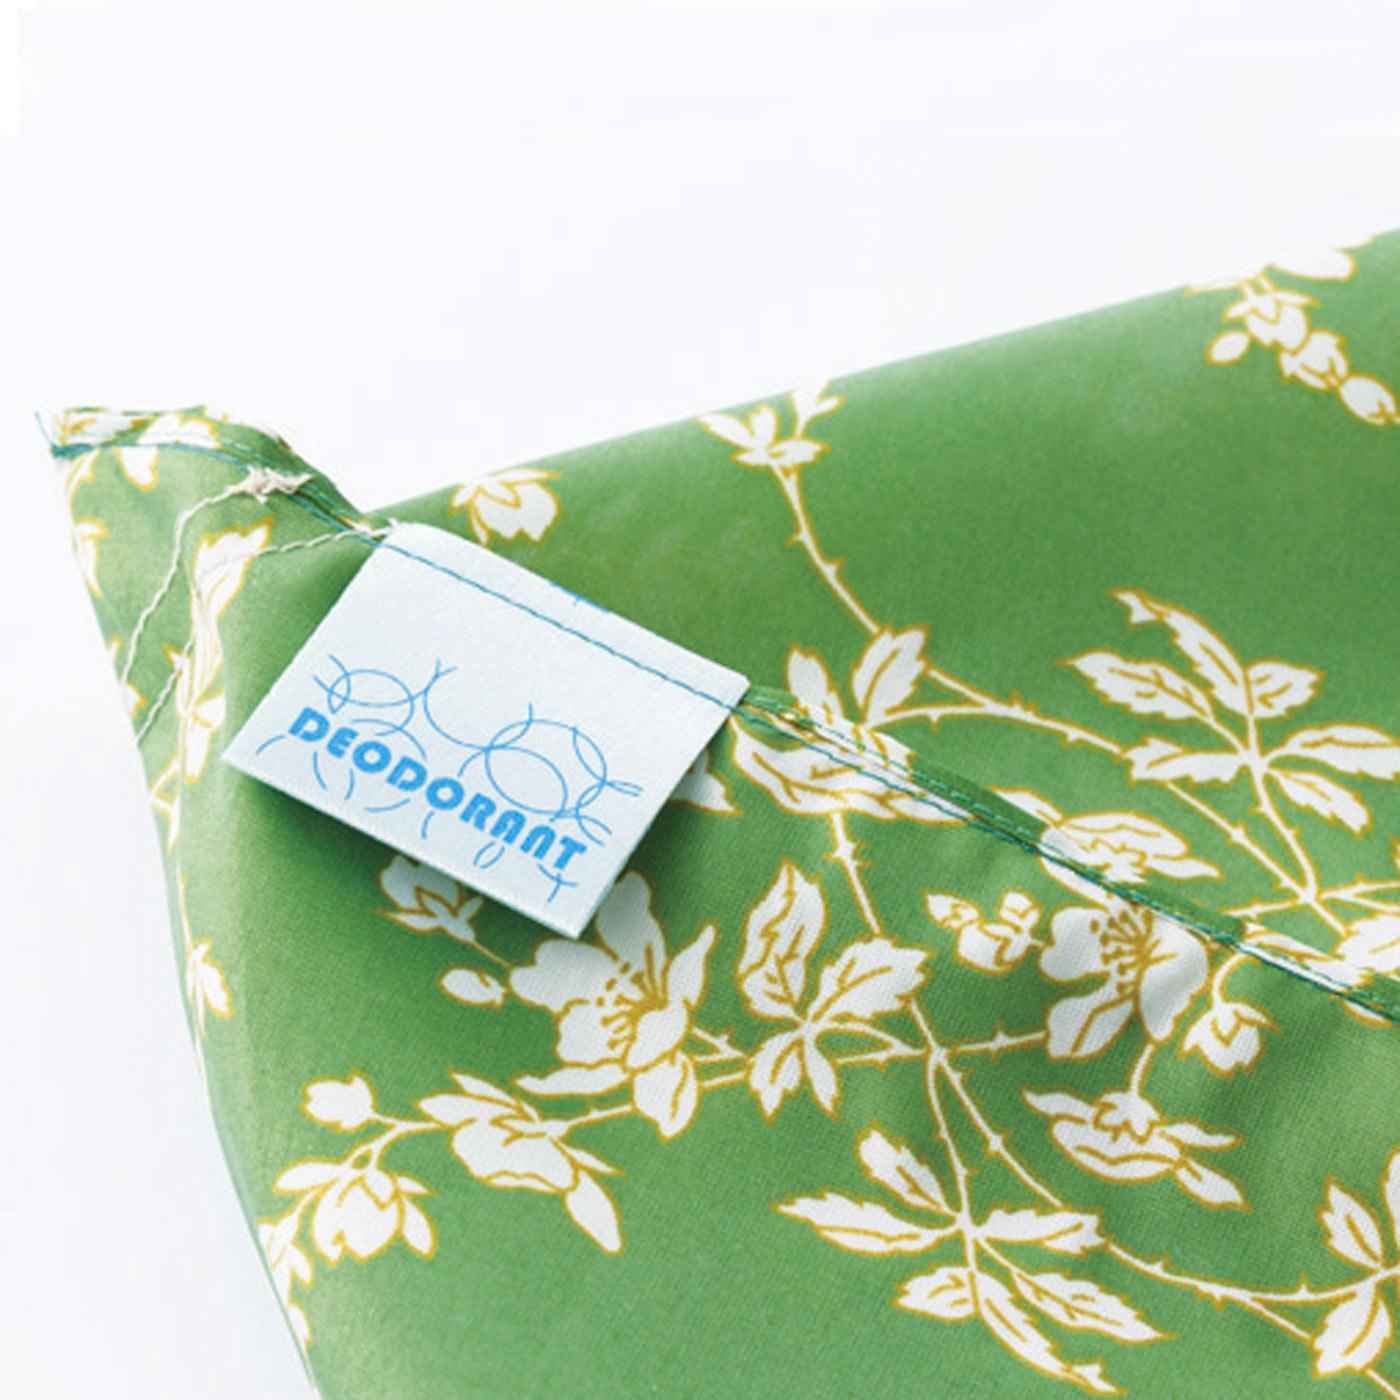 バッグの内側に縫い込んだデオドラントネーム(R)が、汗などのにおいの原因(アンモニア・酢酸・イソ吉草酸)を軽減します。